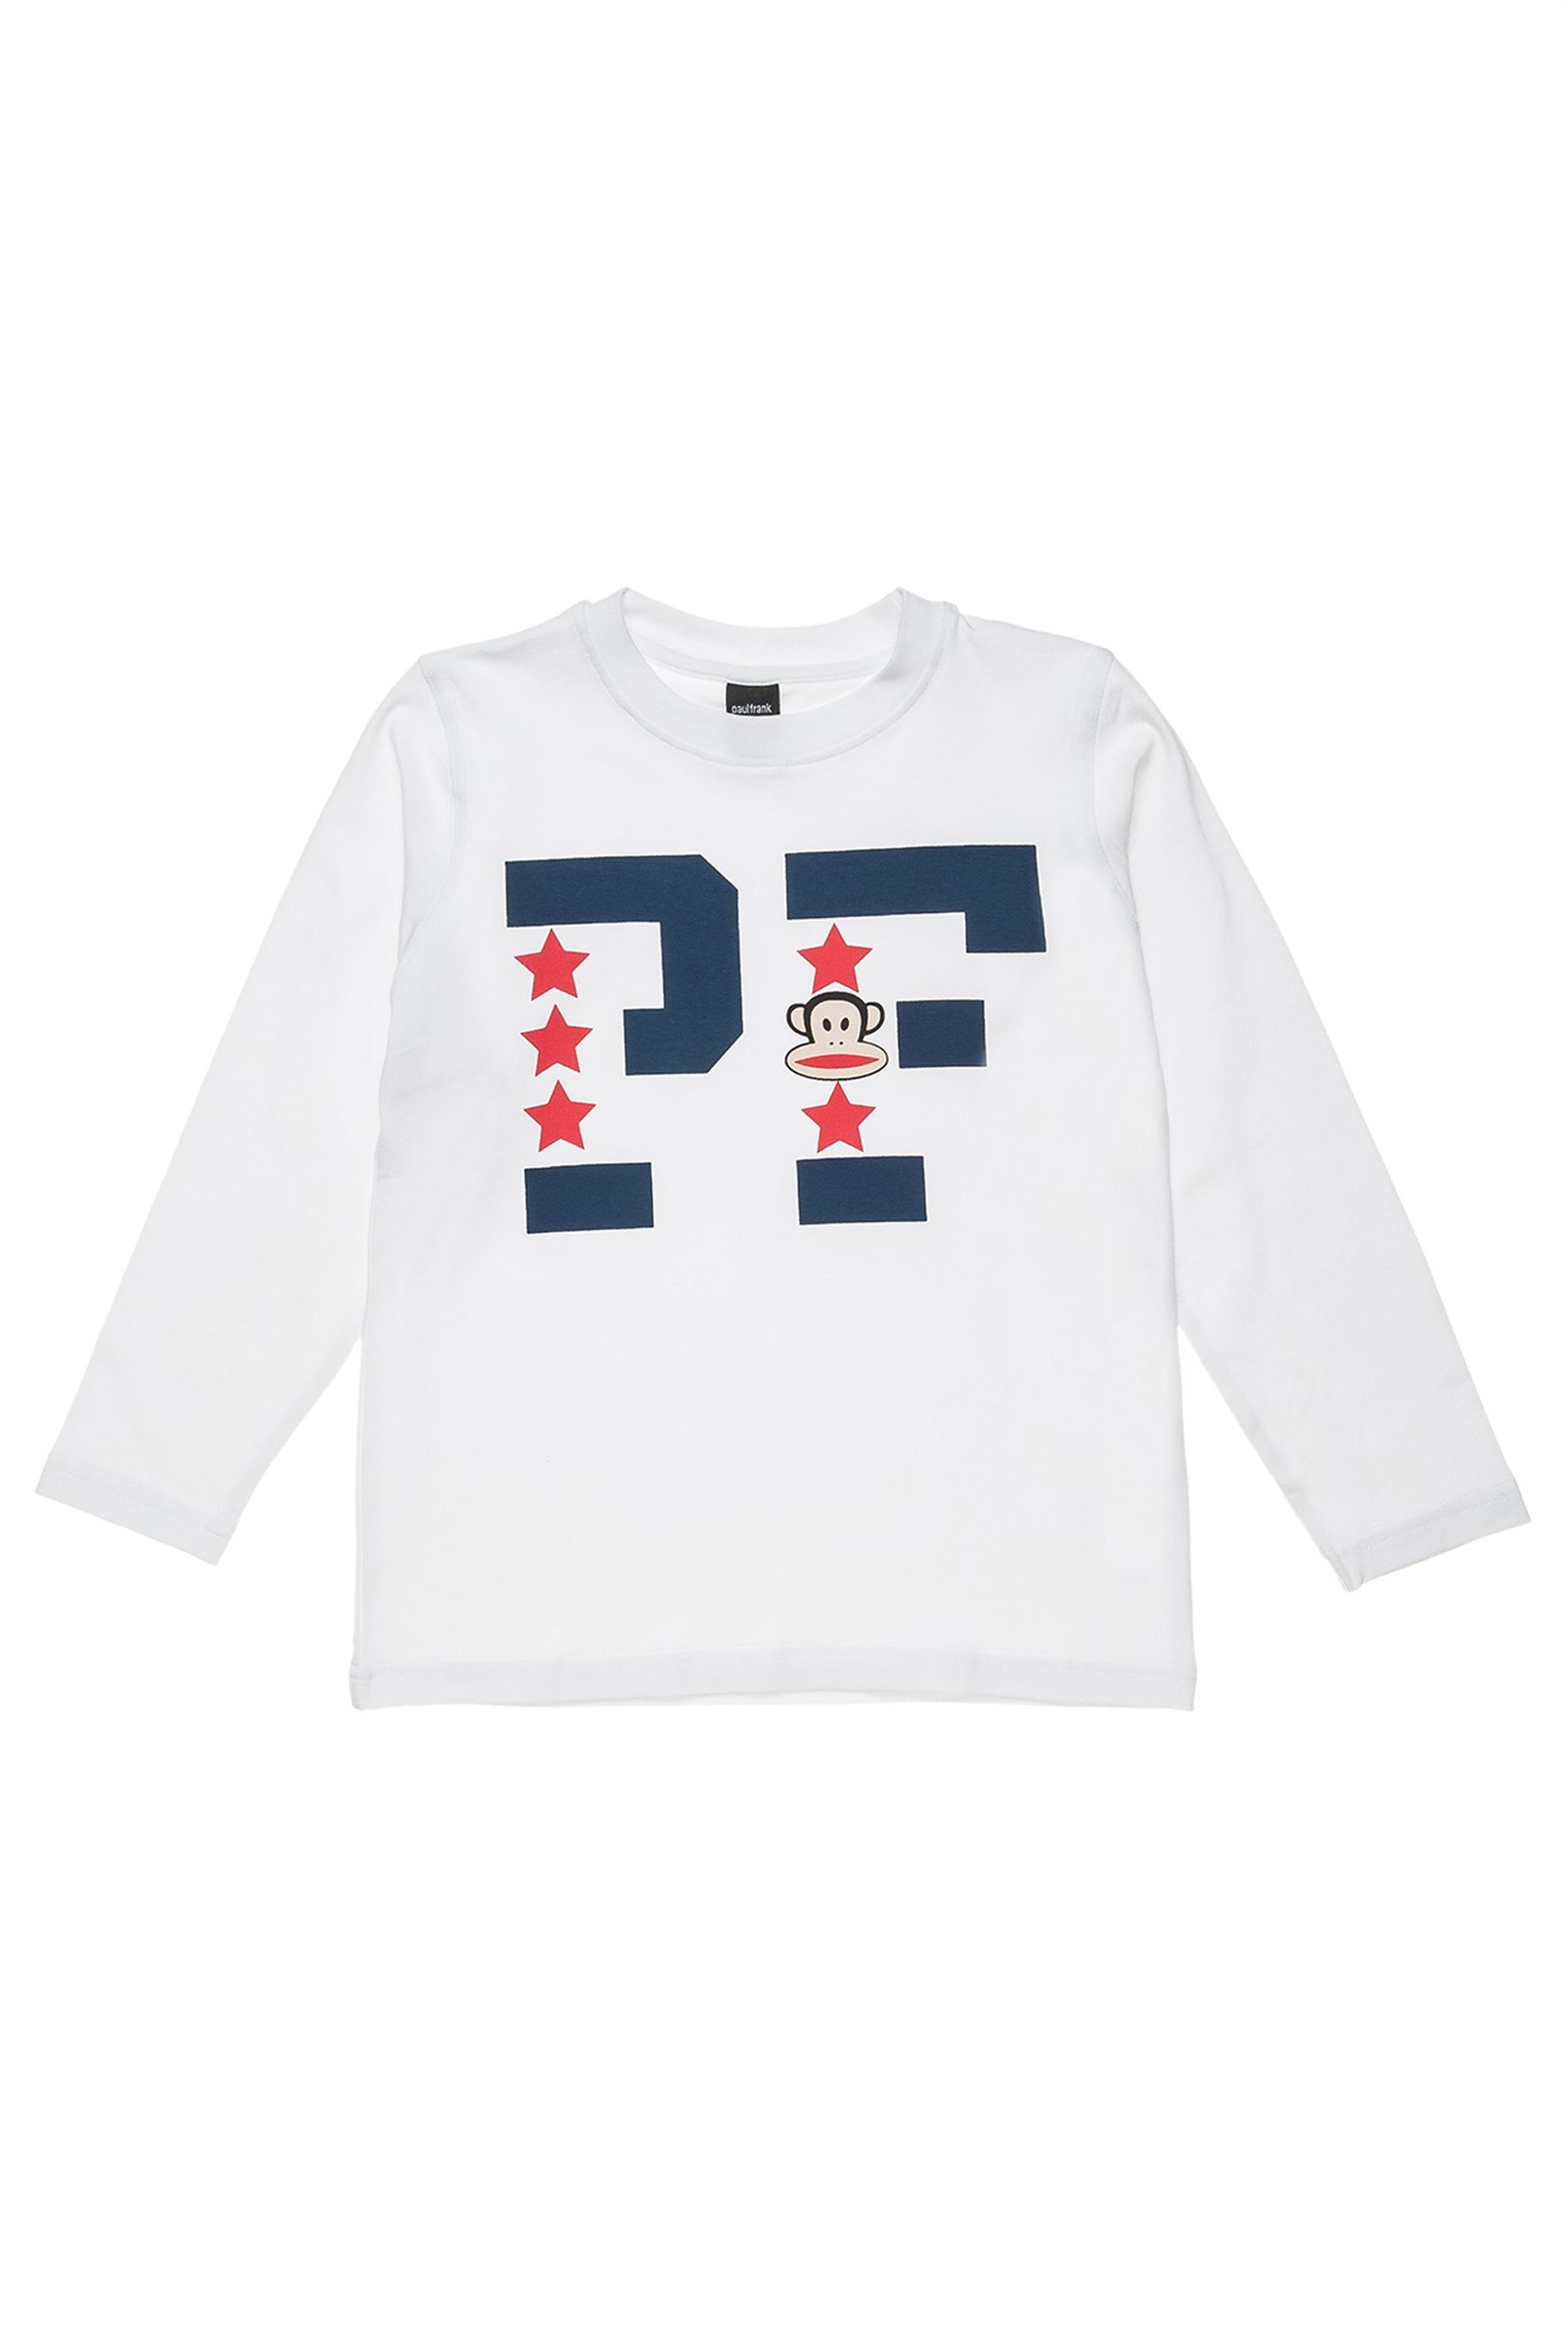 Παιδική μπλούζα με print Paul Frank Collection - 00121285 - Λευκό παιδι   αγορι   4 14 ετων   μπλουζάκια   παντελόνια   μπλουζάκια   πόλο   μπλούζ